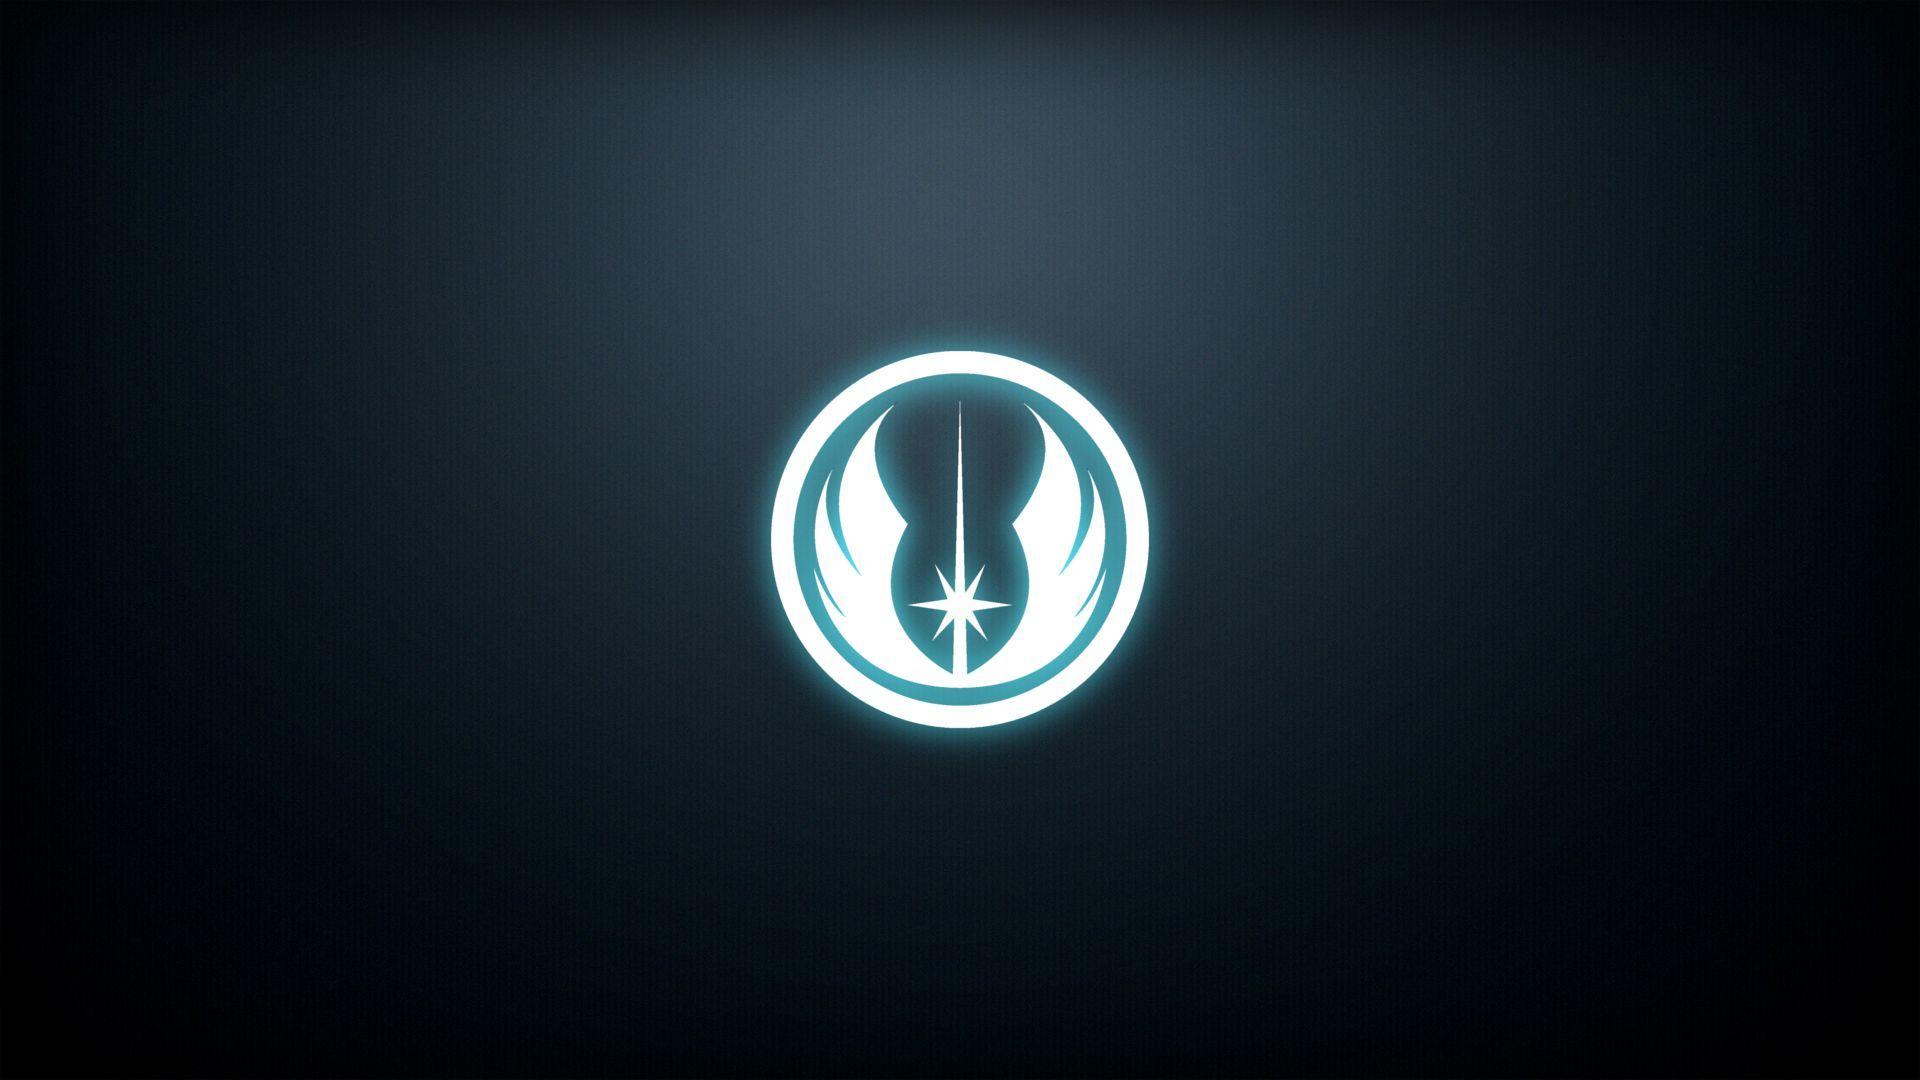 Star Wars Imgur Wallpaper Star Wars Star Wars Background Star Wars Wallpaper